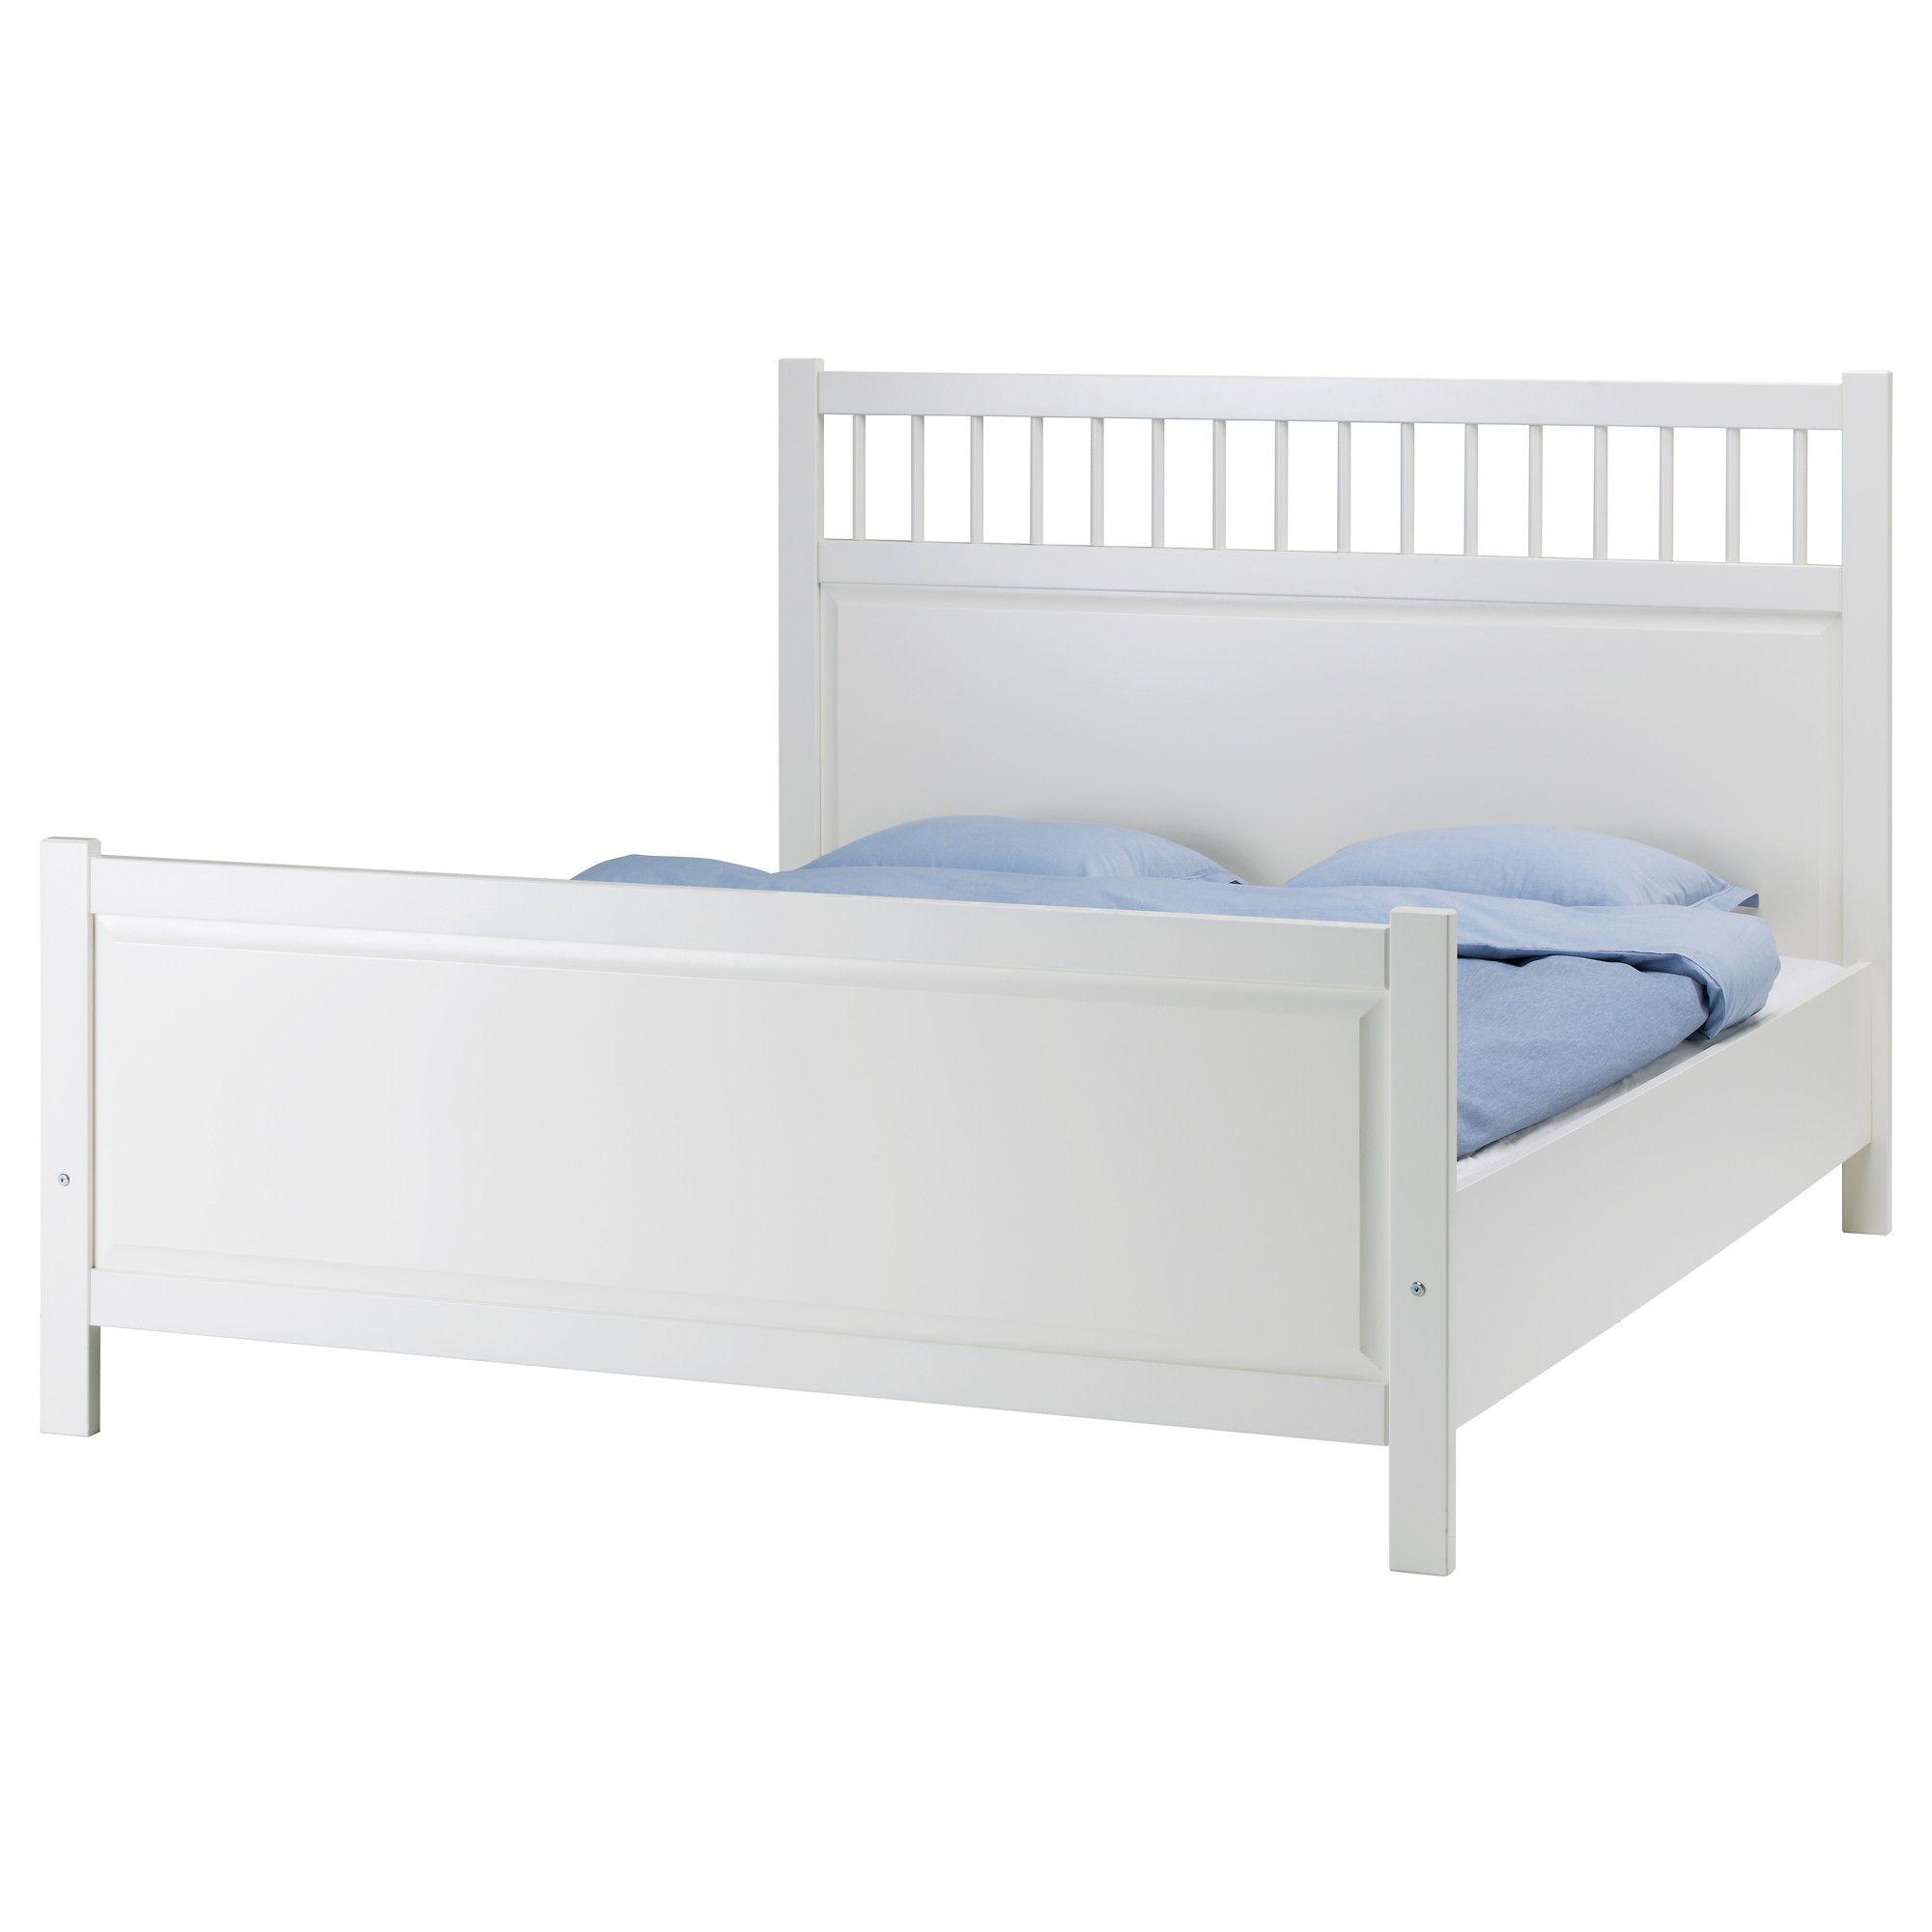 hemnes bed frame - full - ikea | ikea | pinterest | bett